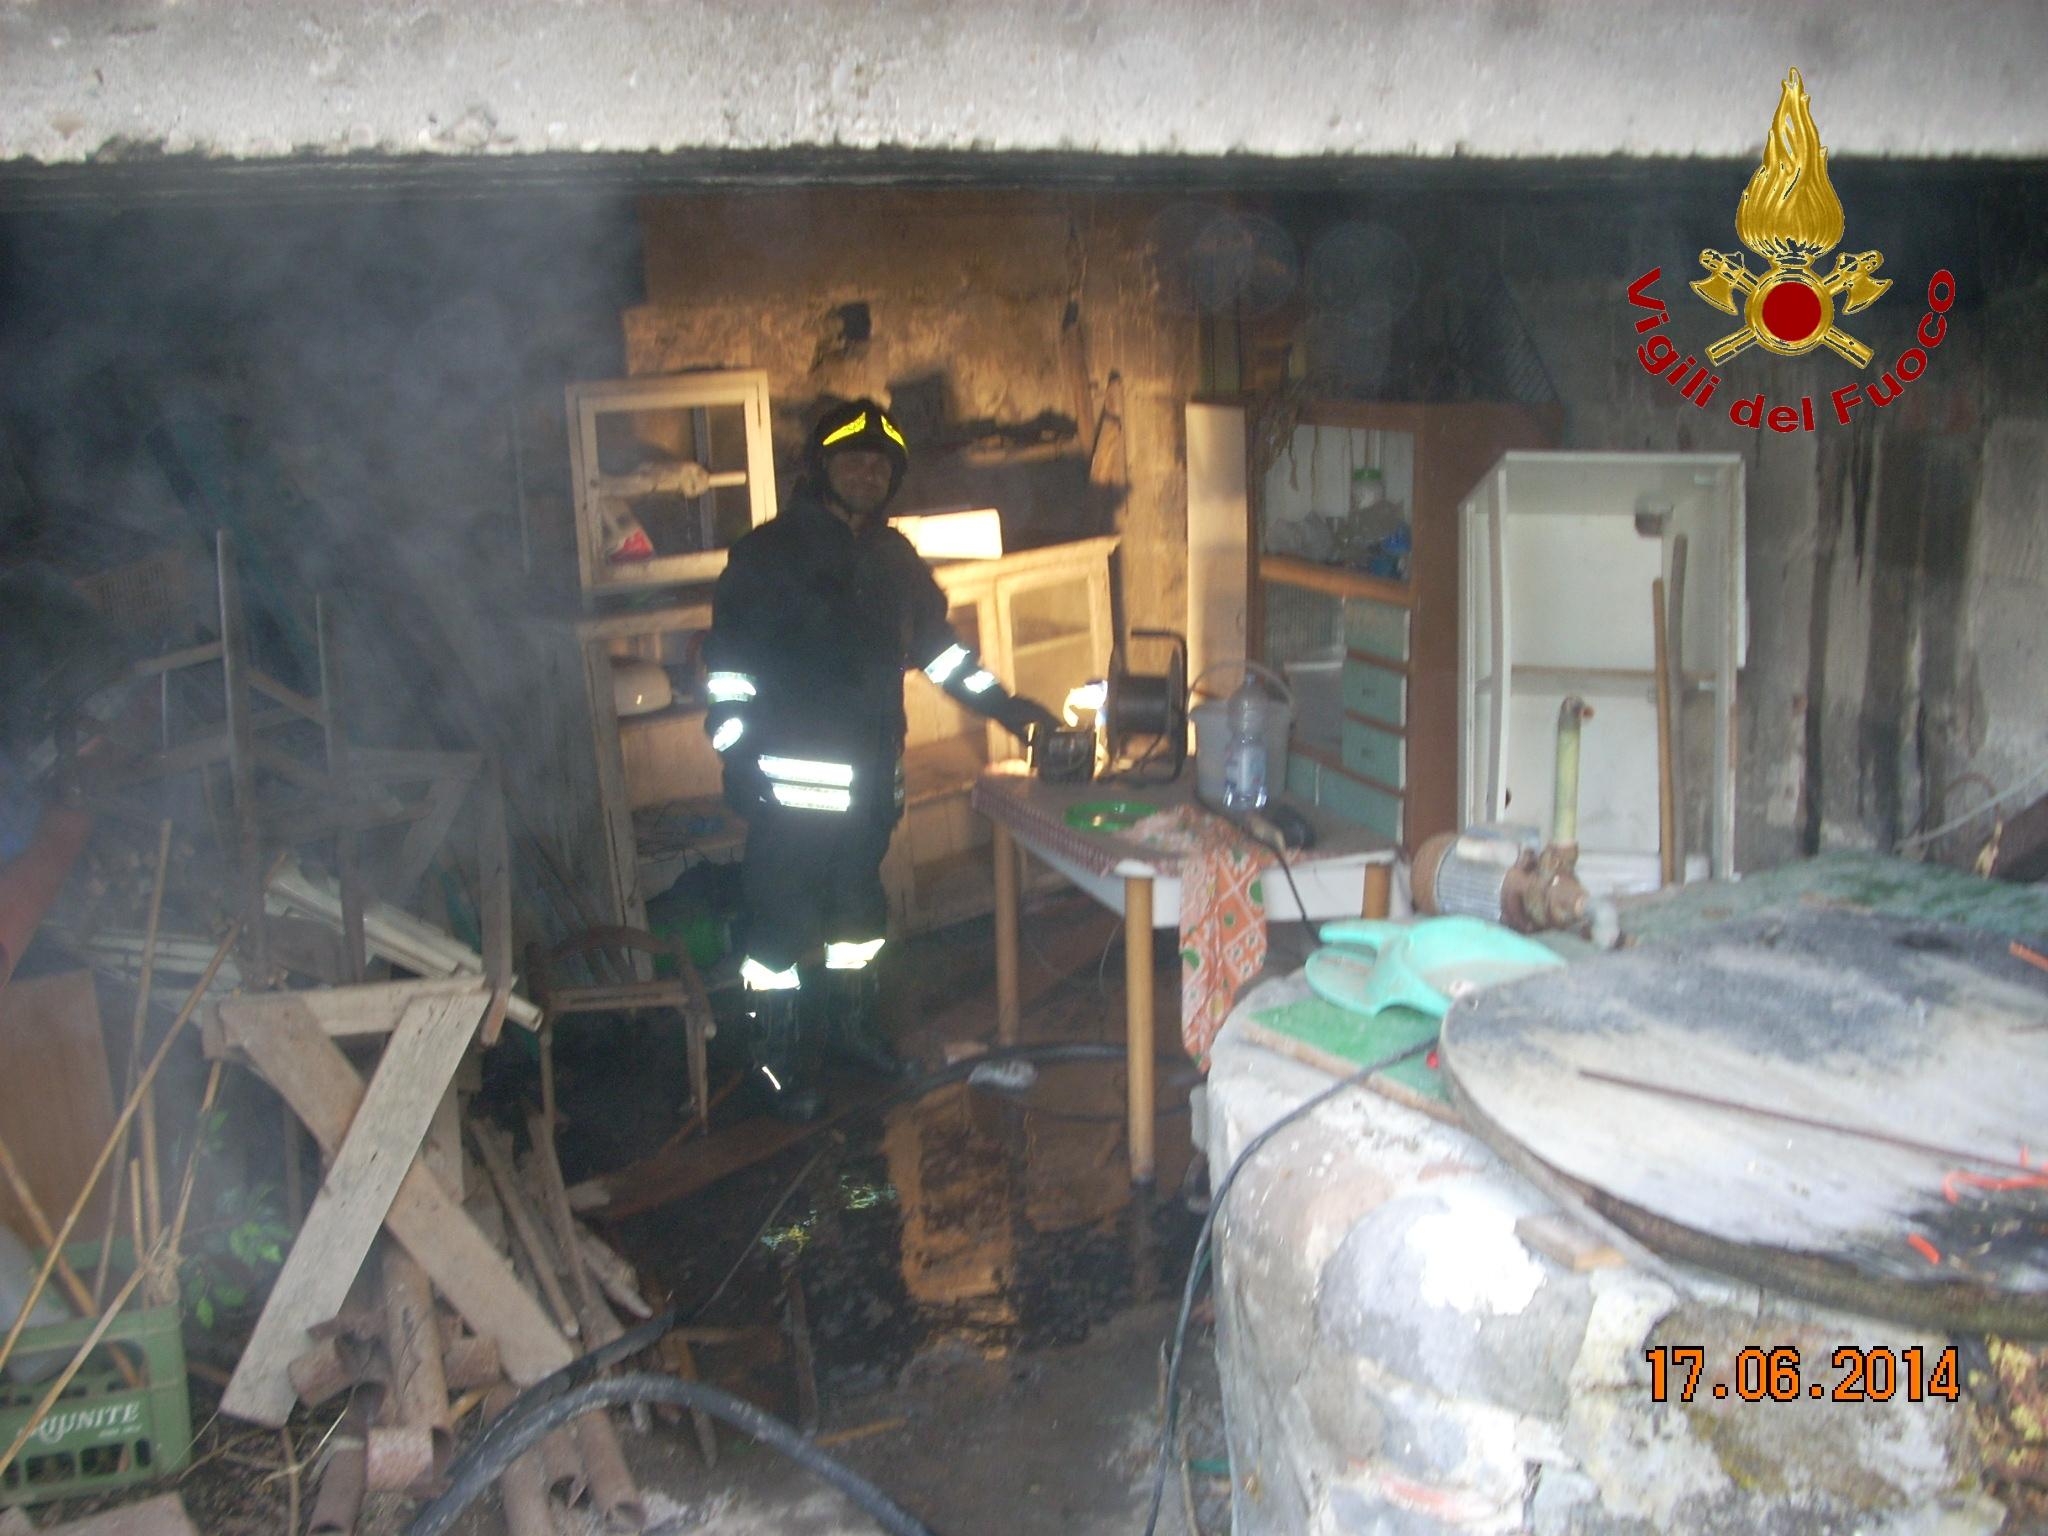 Incendio in un'abitazione a San Leucio del Sannio, nessun danno a persone